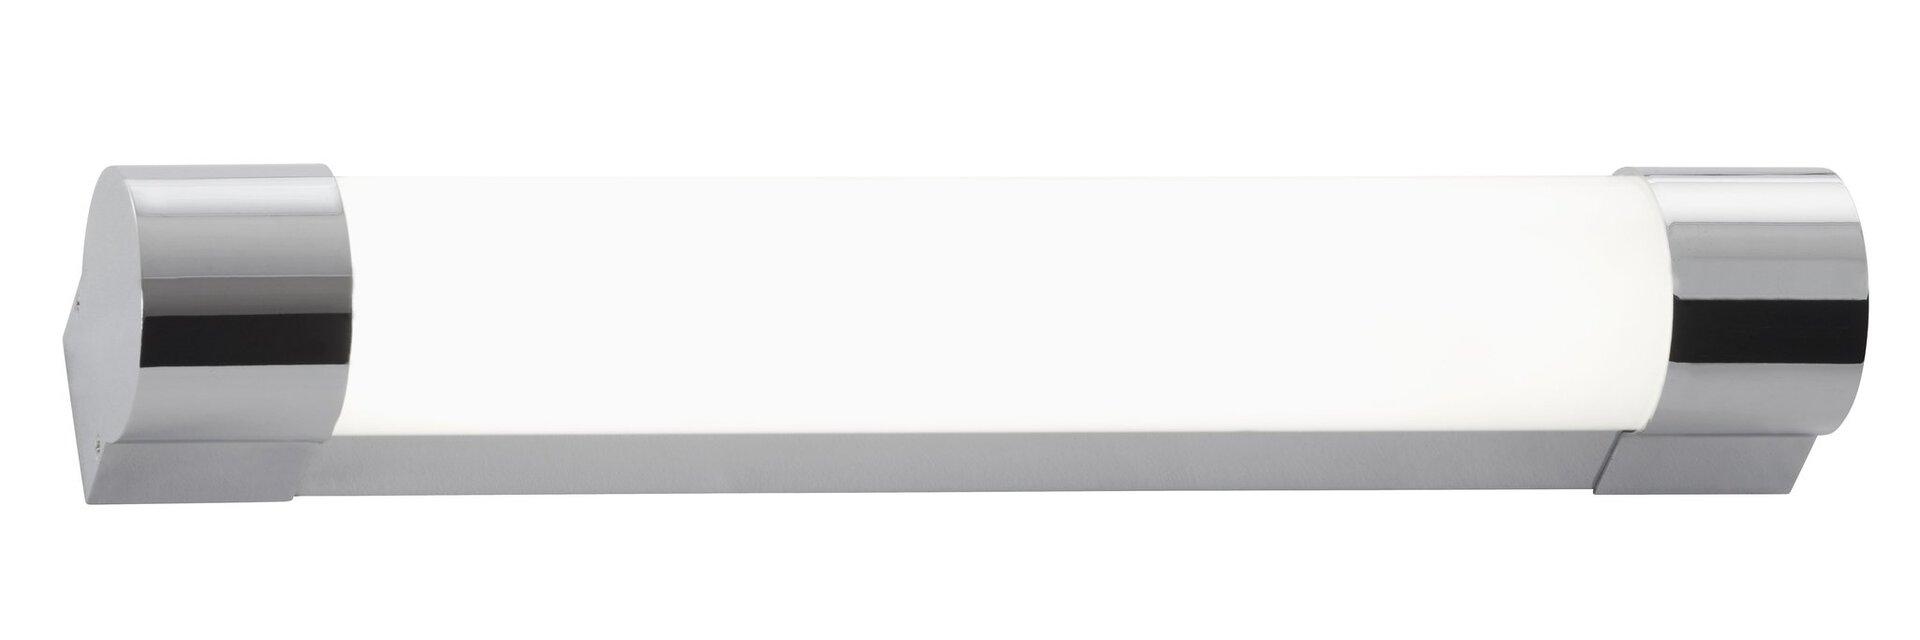 Bad-Wandleuchte Splash Briloner Metall 7 x 5 x 35 cm